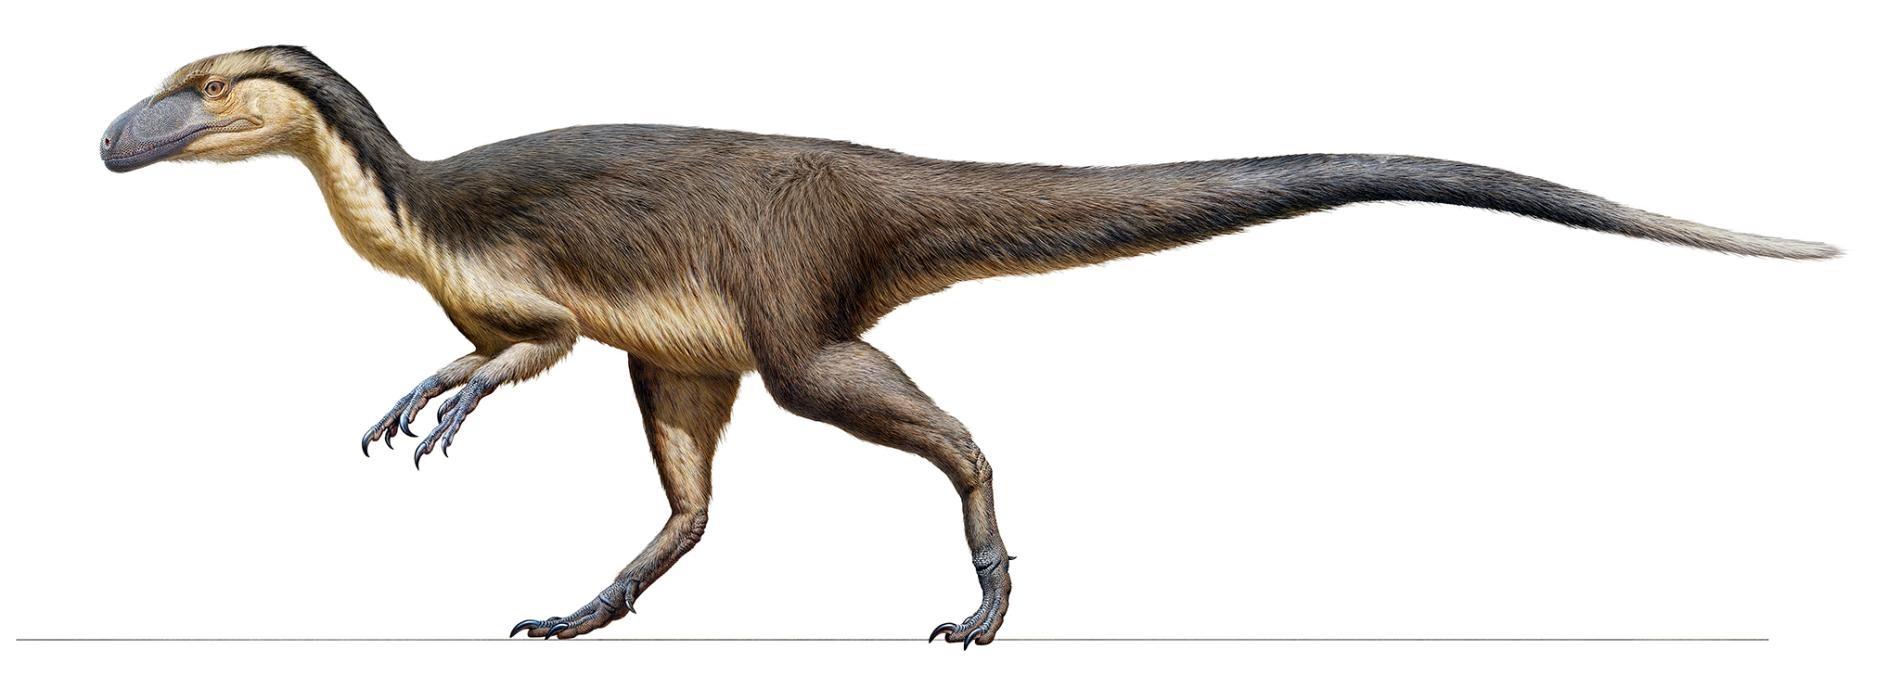 澳洲發現的一批羽毛化石證明了如畫中所繪的小型肉食恐龍曾長出隔熱羽毛以求在南極圈內生存。ILLUSTRATION BY PETER TRUSLER